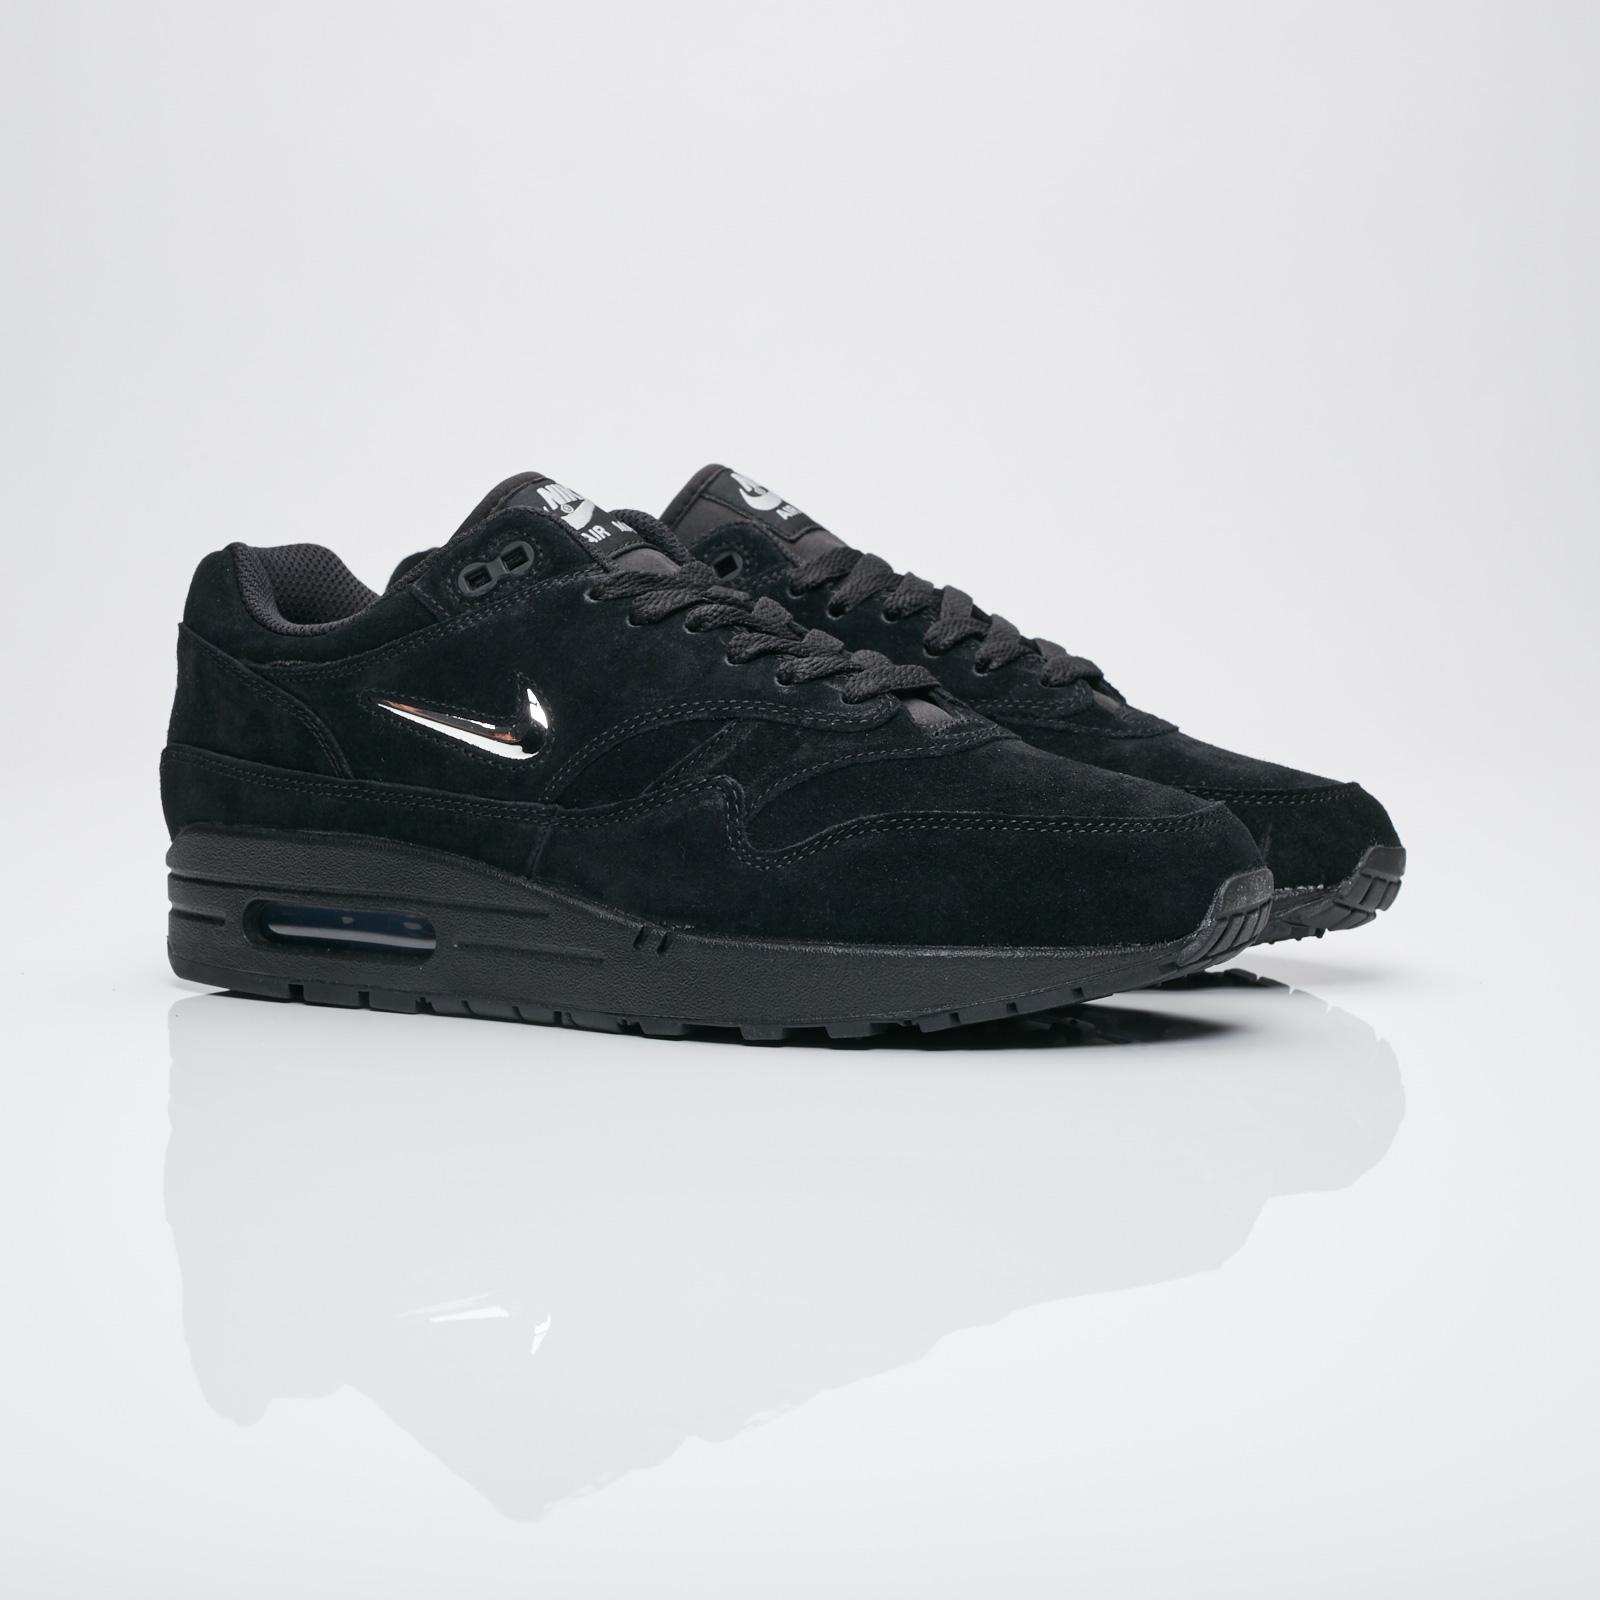 promo code 00a50 28d7d Nike Sportswear Air Max 1 Premium SC